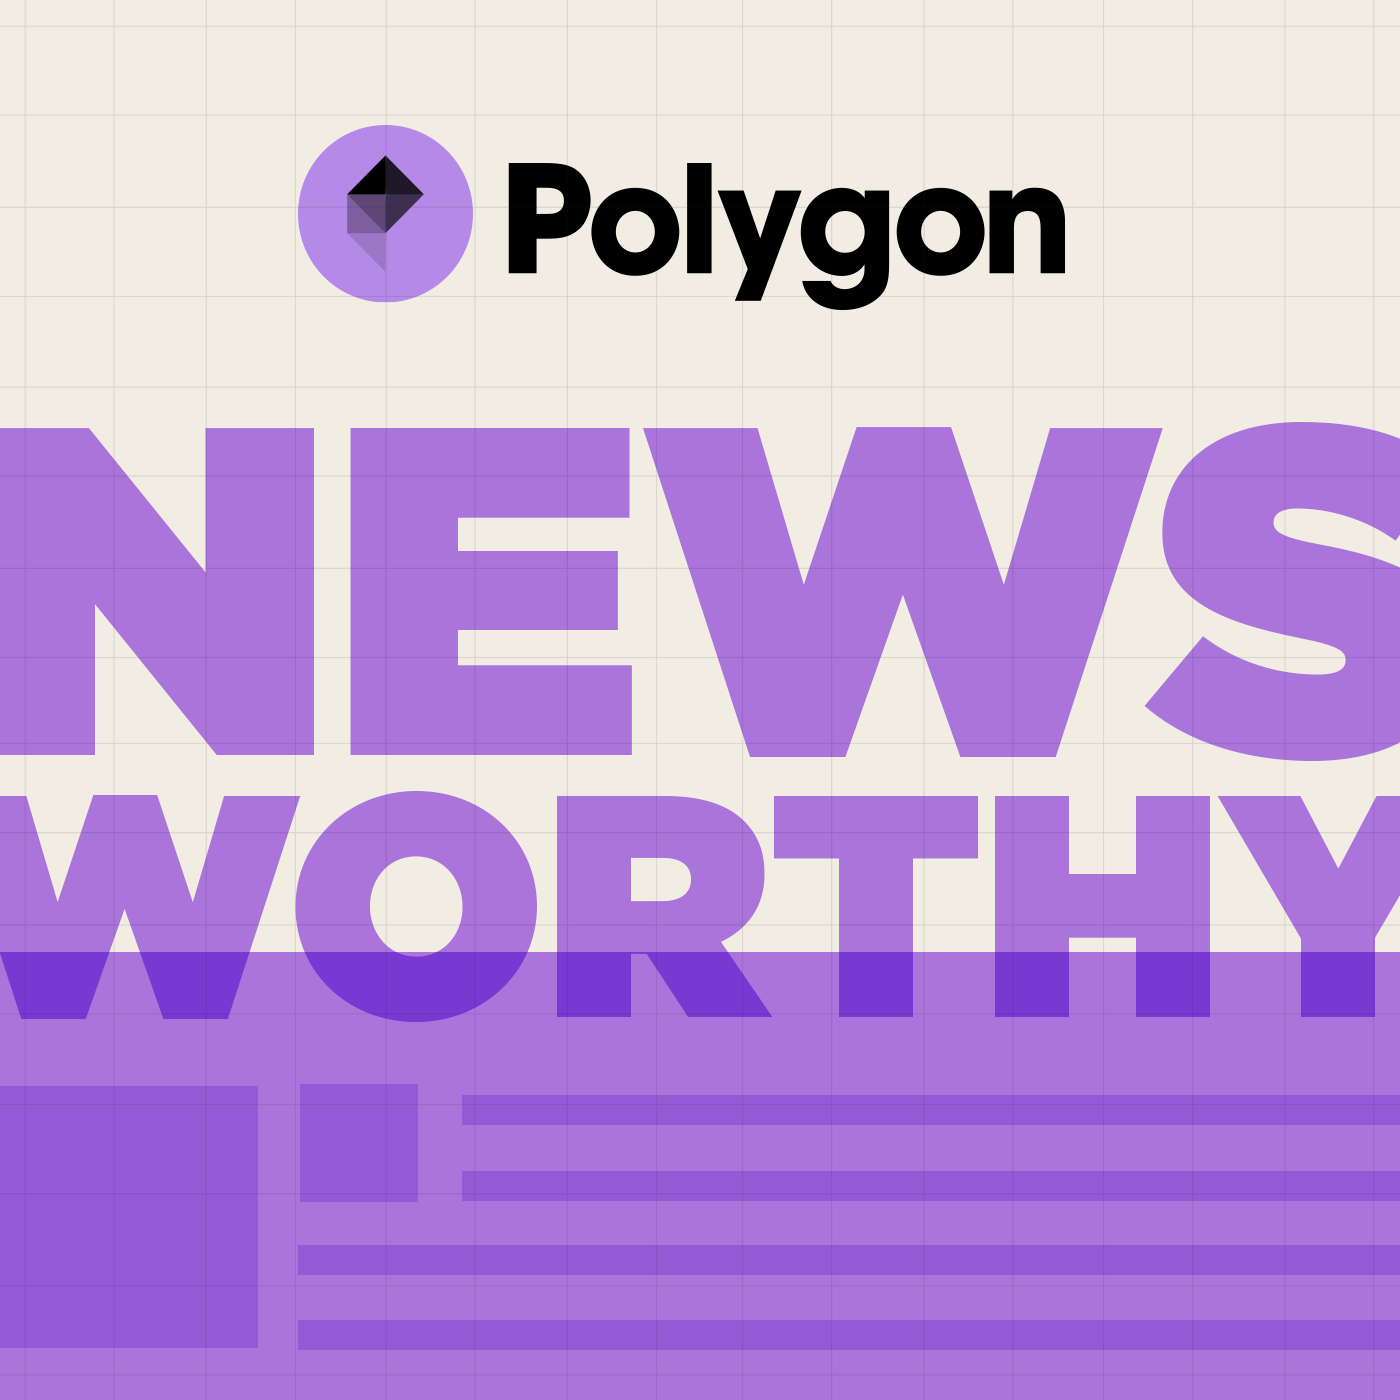 Polygon Newsworthy